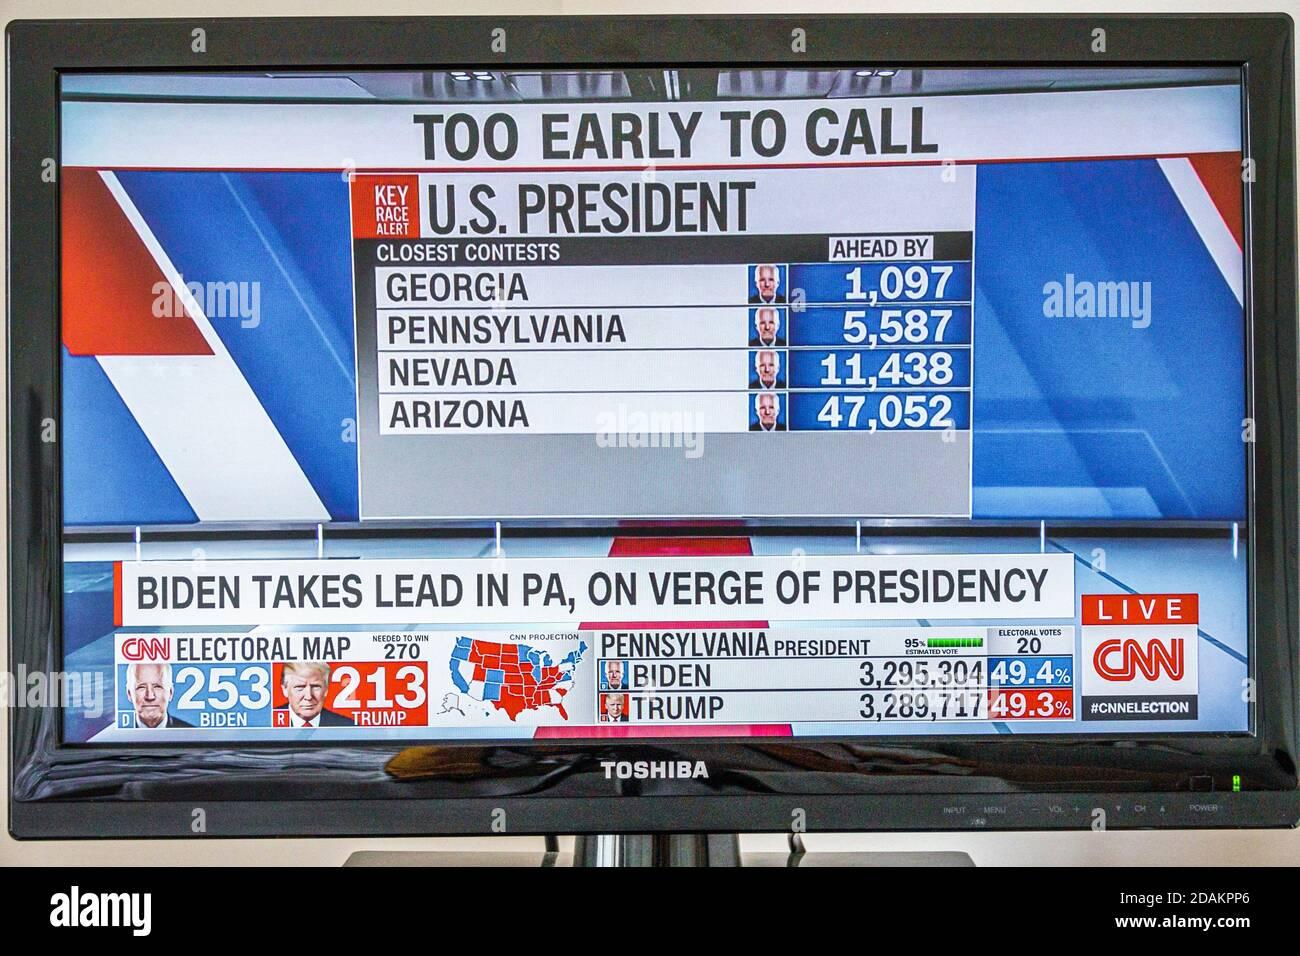 Télévision câblée écran de télévision moniteur 2020 des résultats de l'élection présidentielle américaine Joe Biden Donald Trump vote le nombre de votes populaires au collège électoral prend la tête Banque D'Images